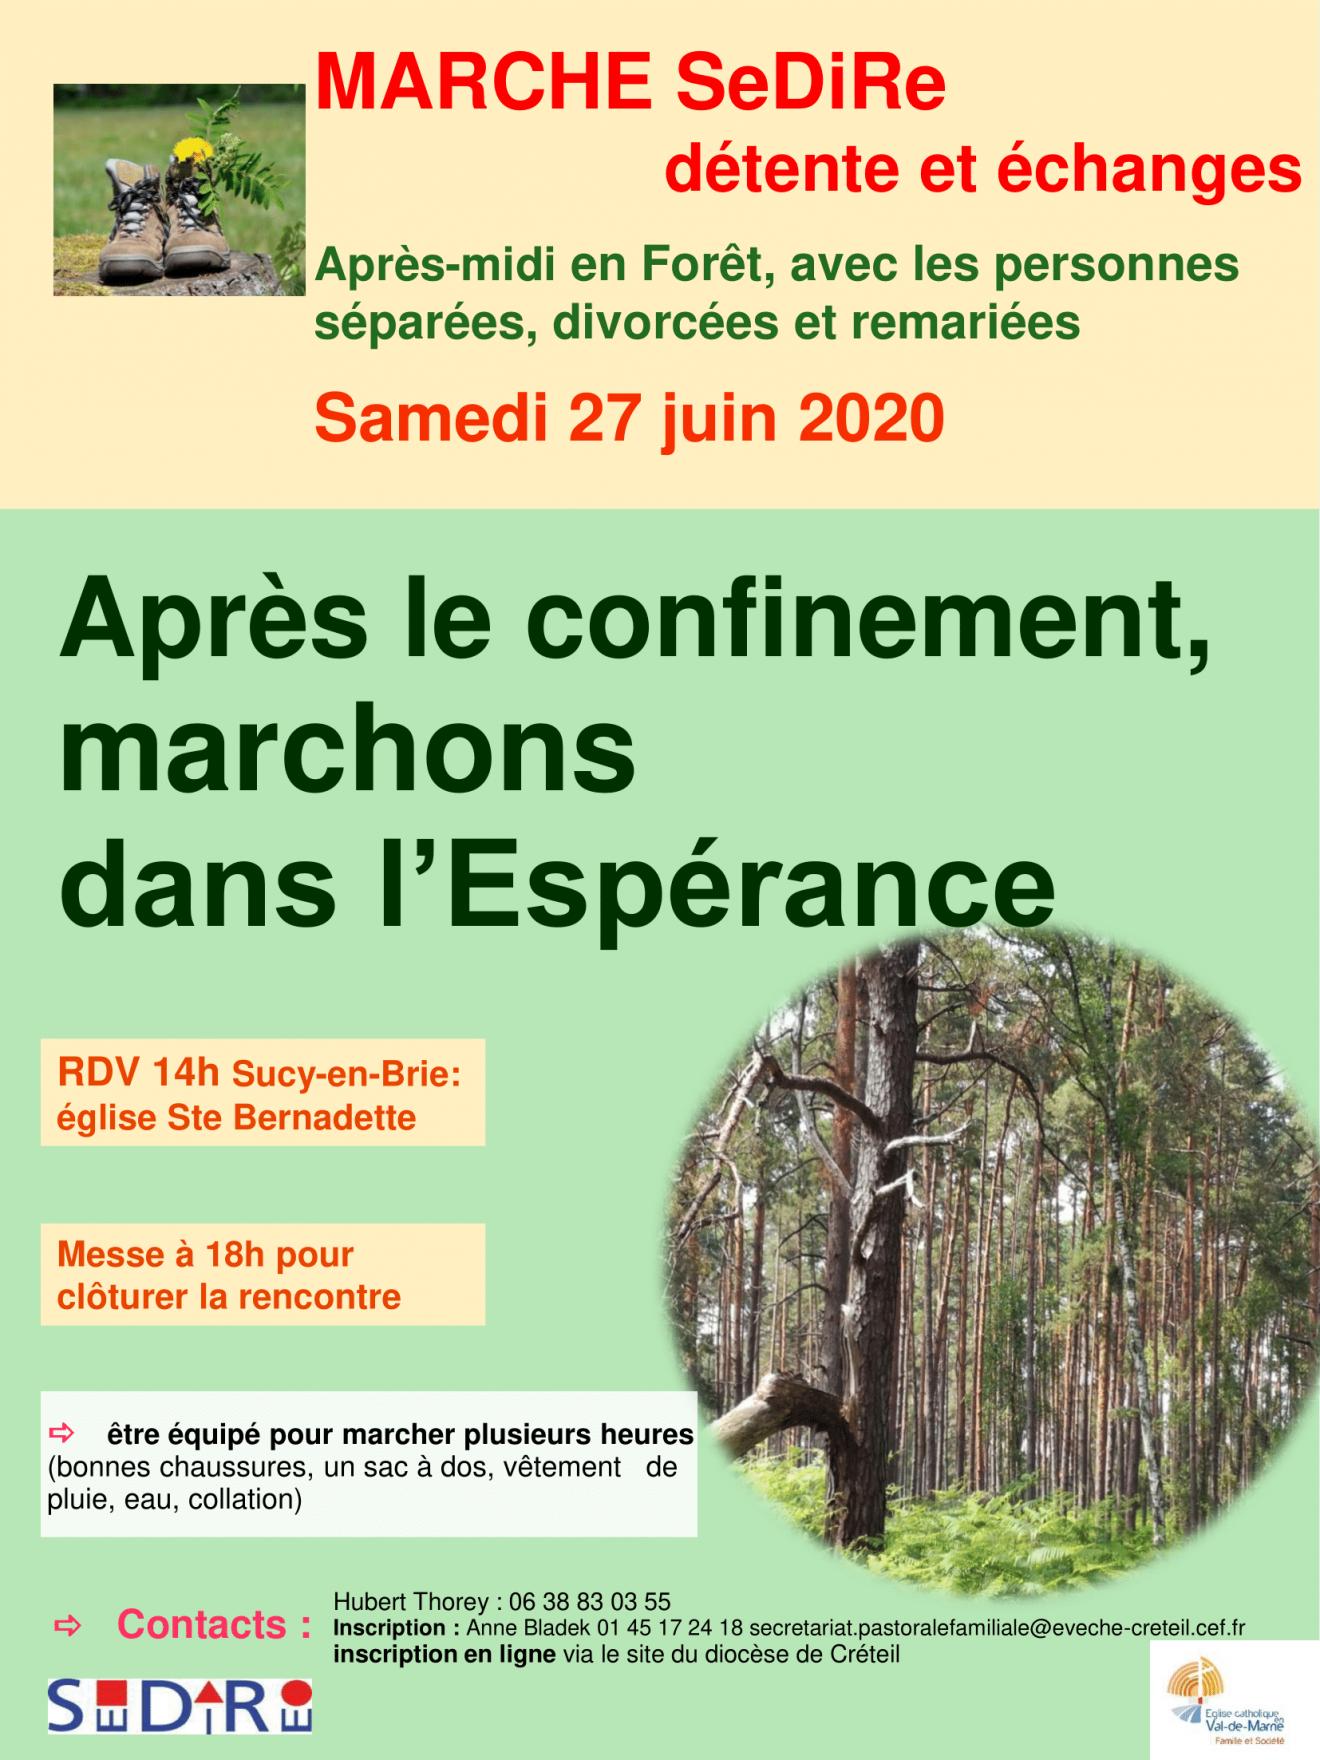 2020.06.27 Marche juin 2020 Forêt ND V6-1